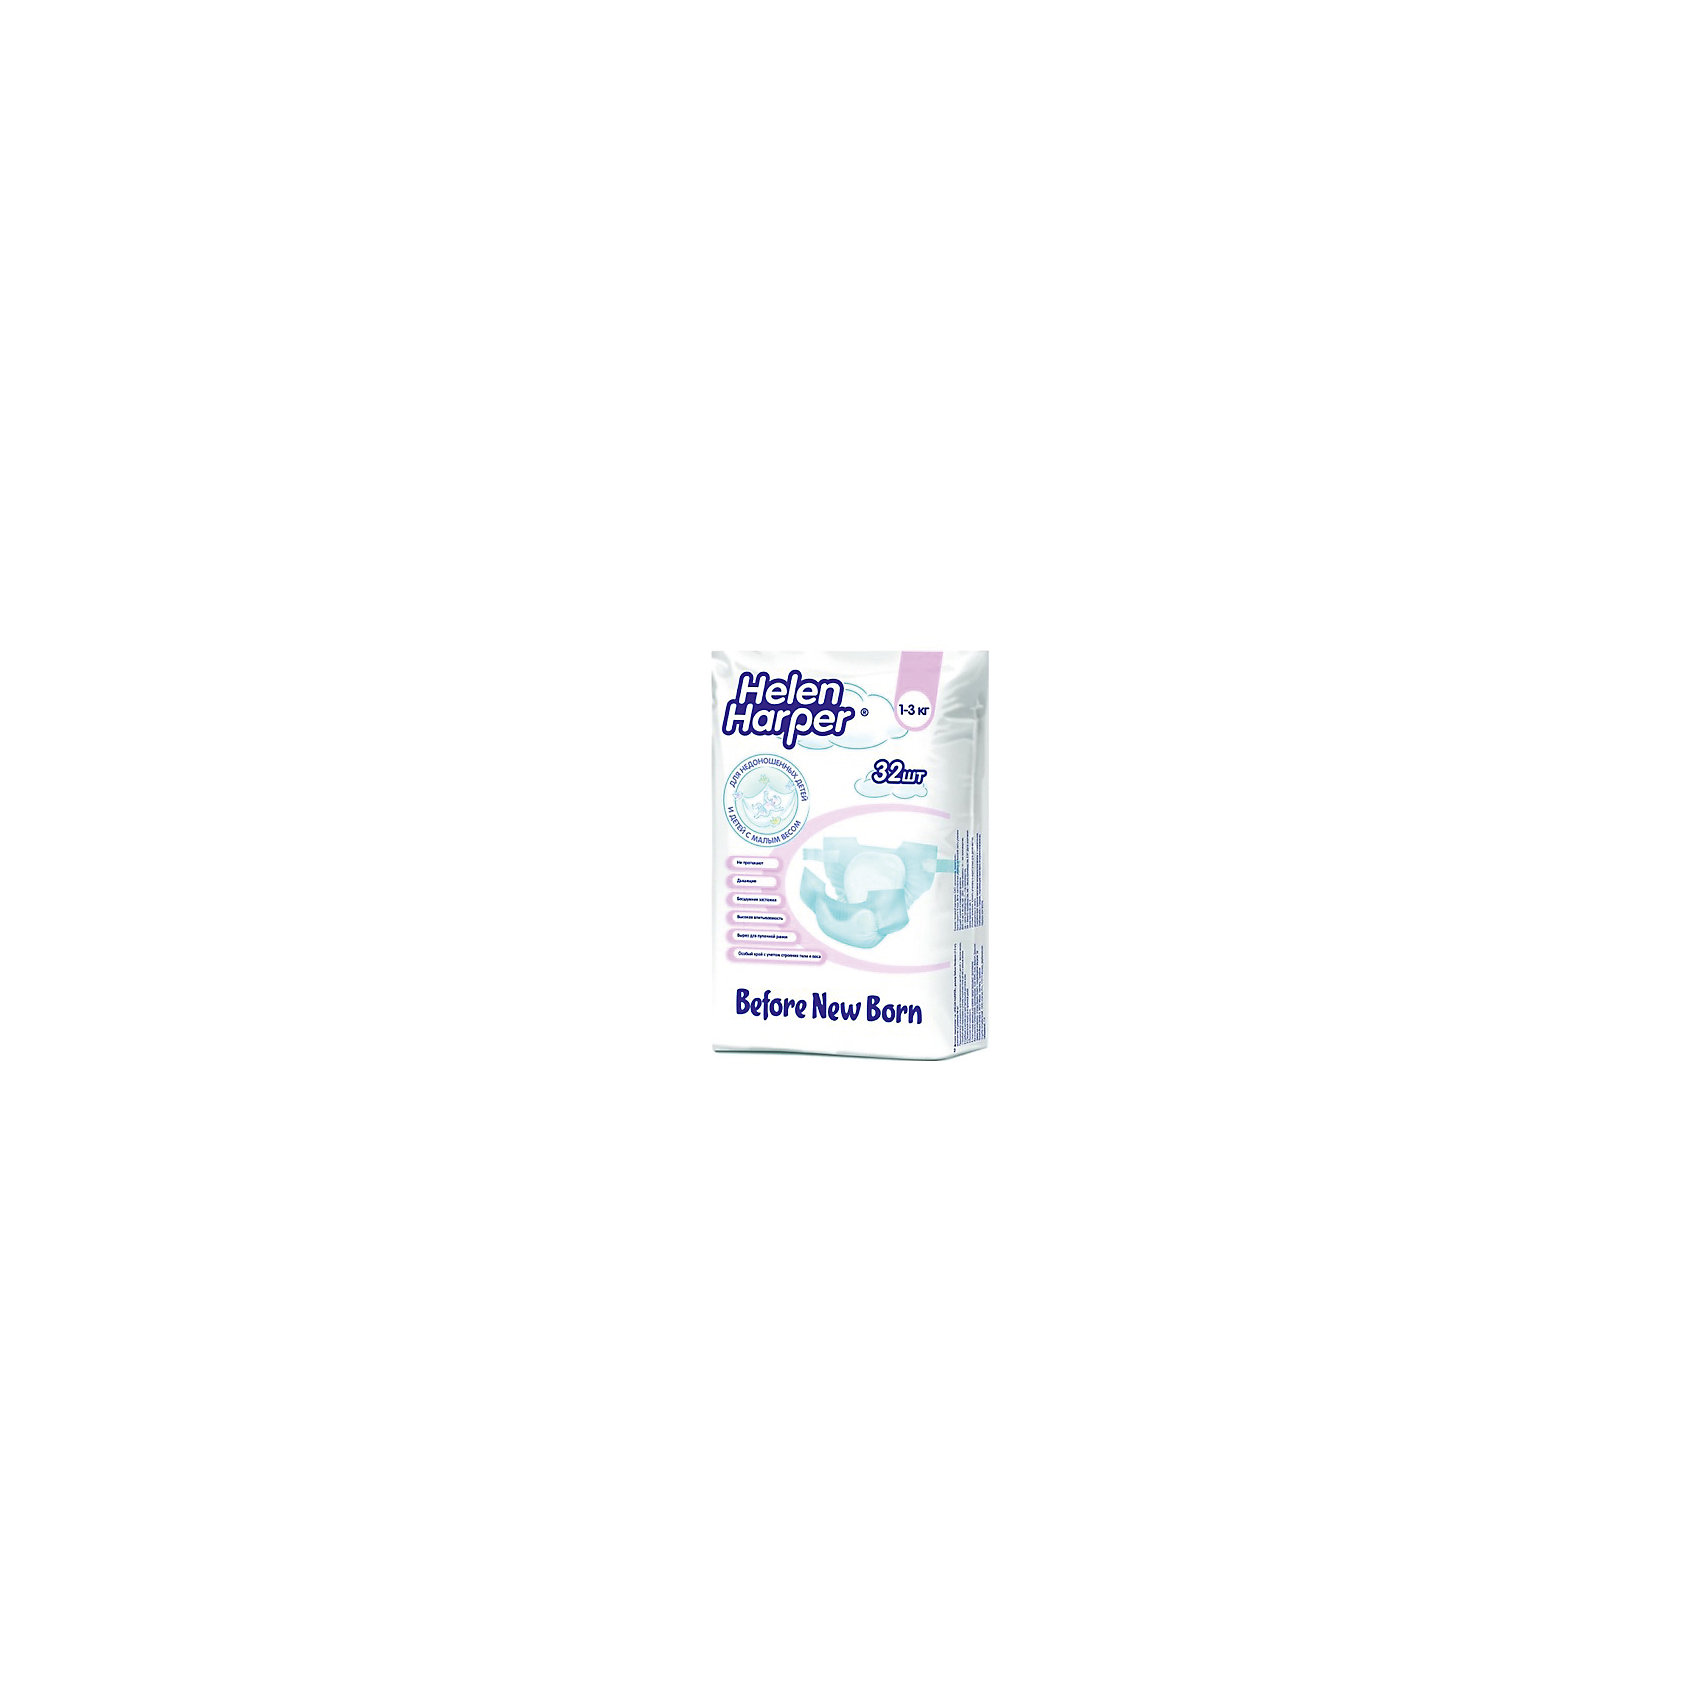 Подгузники  для новорожденных и  недоношенных Before Newborn 1-3 кг. (32 шт.)«Helen Harper» с ярким рисунком обеспечивают комфорт и защиту. Натуральная распушенная целлюлоза способствует быстрому поглощению влаги, в то время, как полностью влагонепроницаемый нижний слой предотвращает протекание. Коврики «Helen Harper» можно использовать в различных ситуациях:<br><br>При переодевании малыша<br><br>Для защиты малыша во время ночного сна<br><br>Коврик позволяет малышу отдохнуть от подгузников, не заботясь о возможных неприятностях.<br><br>Коврики предлагаются в 2 размерах: 60x60 и 60x90 см<br><br>Ширина мм: 600<br>Глубина мм: 600<br>Высота мм: 200<br>Вес г: 660<br>Возраст от месяцев: -2147483648<br>Возраст до месяцев: 2147483647<br>Пол: Унисекс<br>Возраст: Детский<br>SKU: 4729774